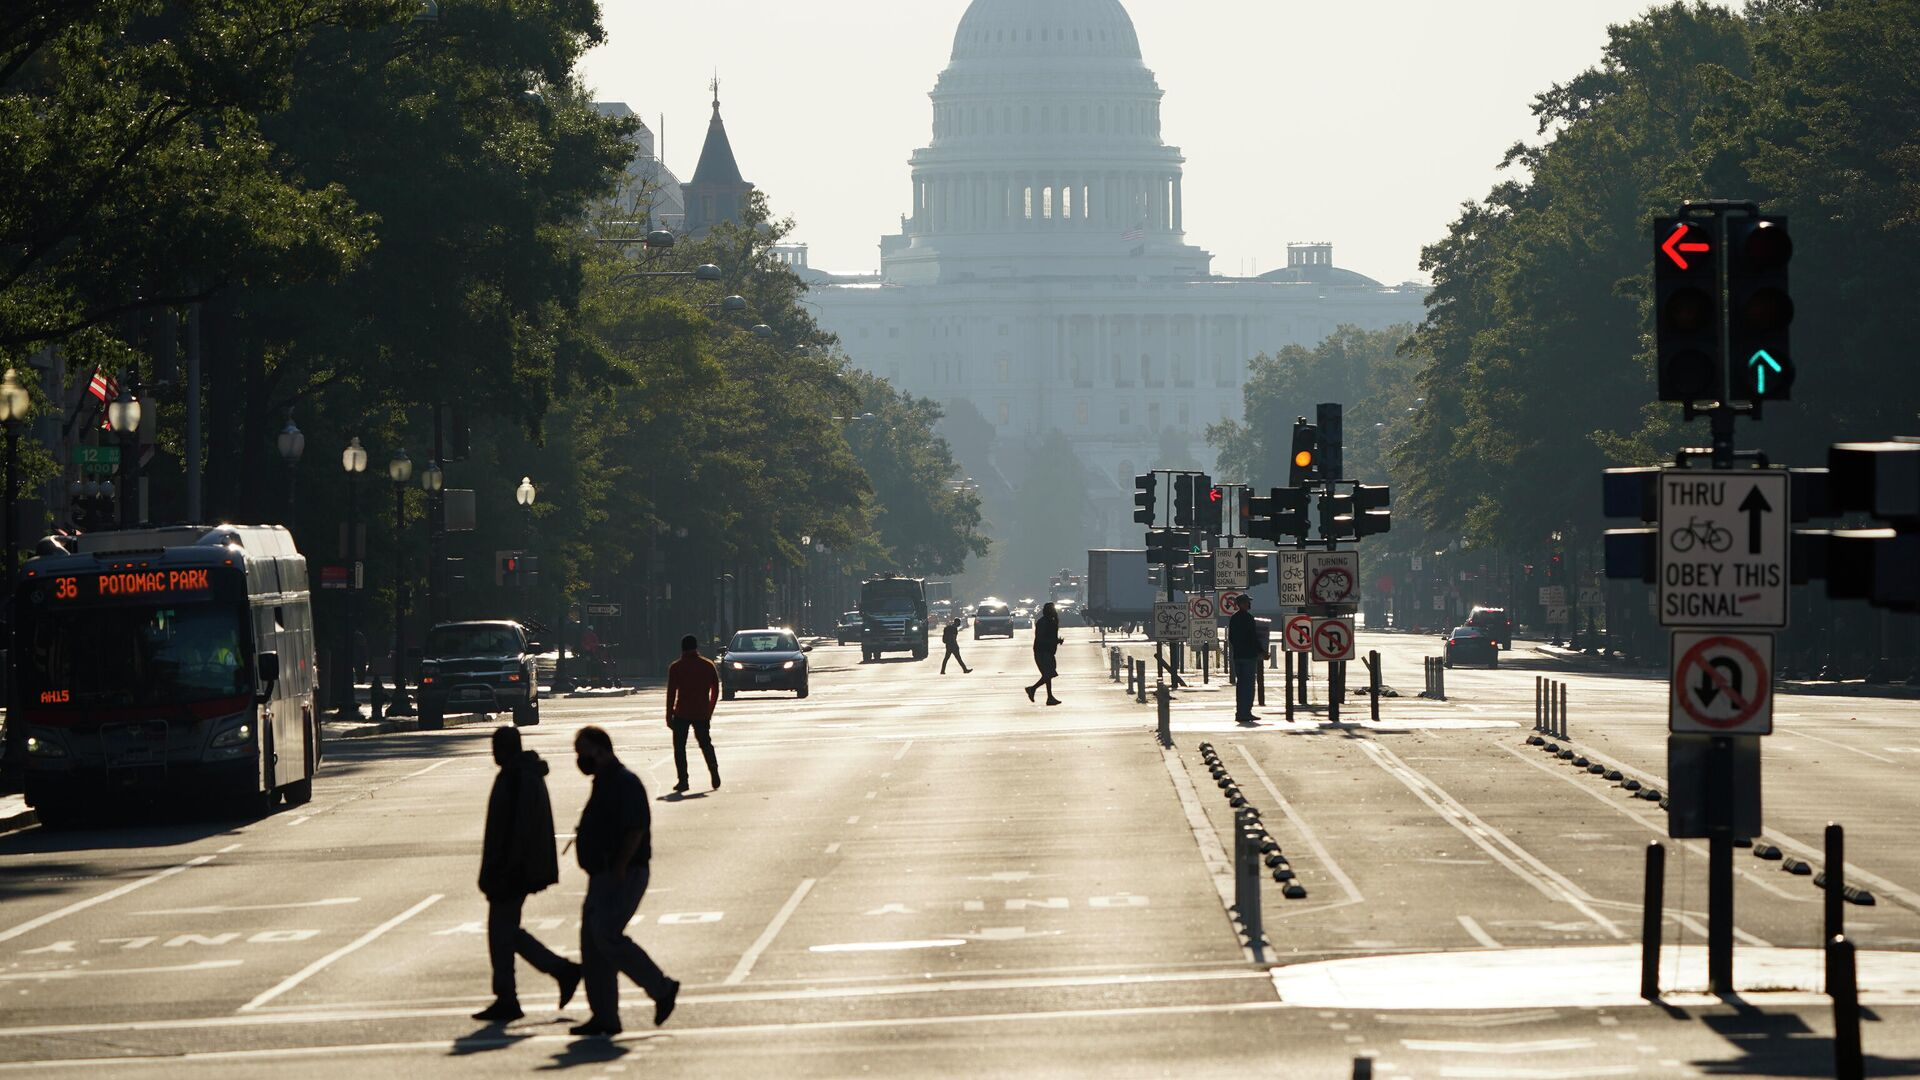 Прохожие переходят улицу перед зданием Капитолия в США - РИА Новости, 1920, 29.12.2020